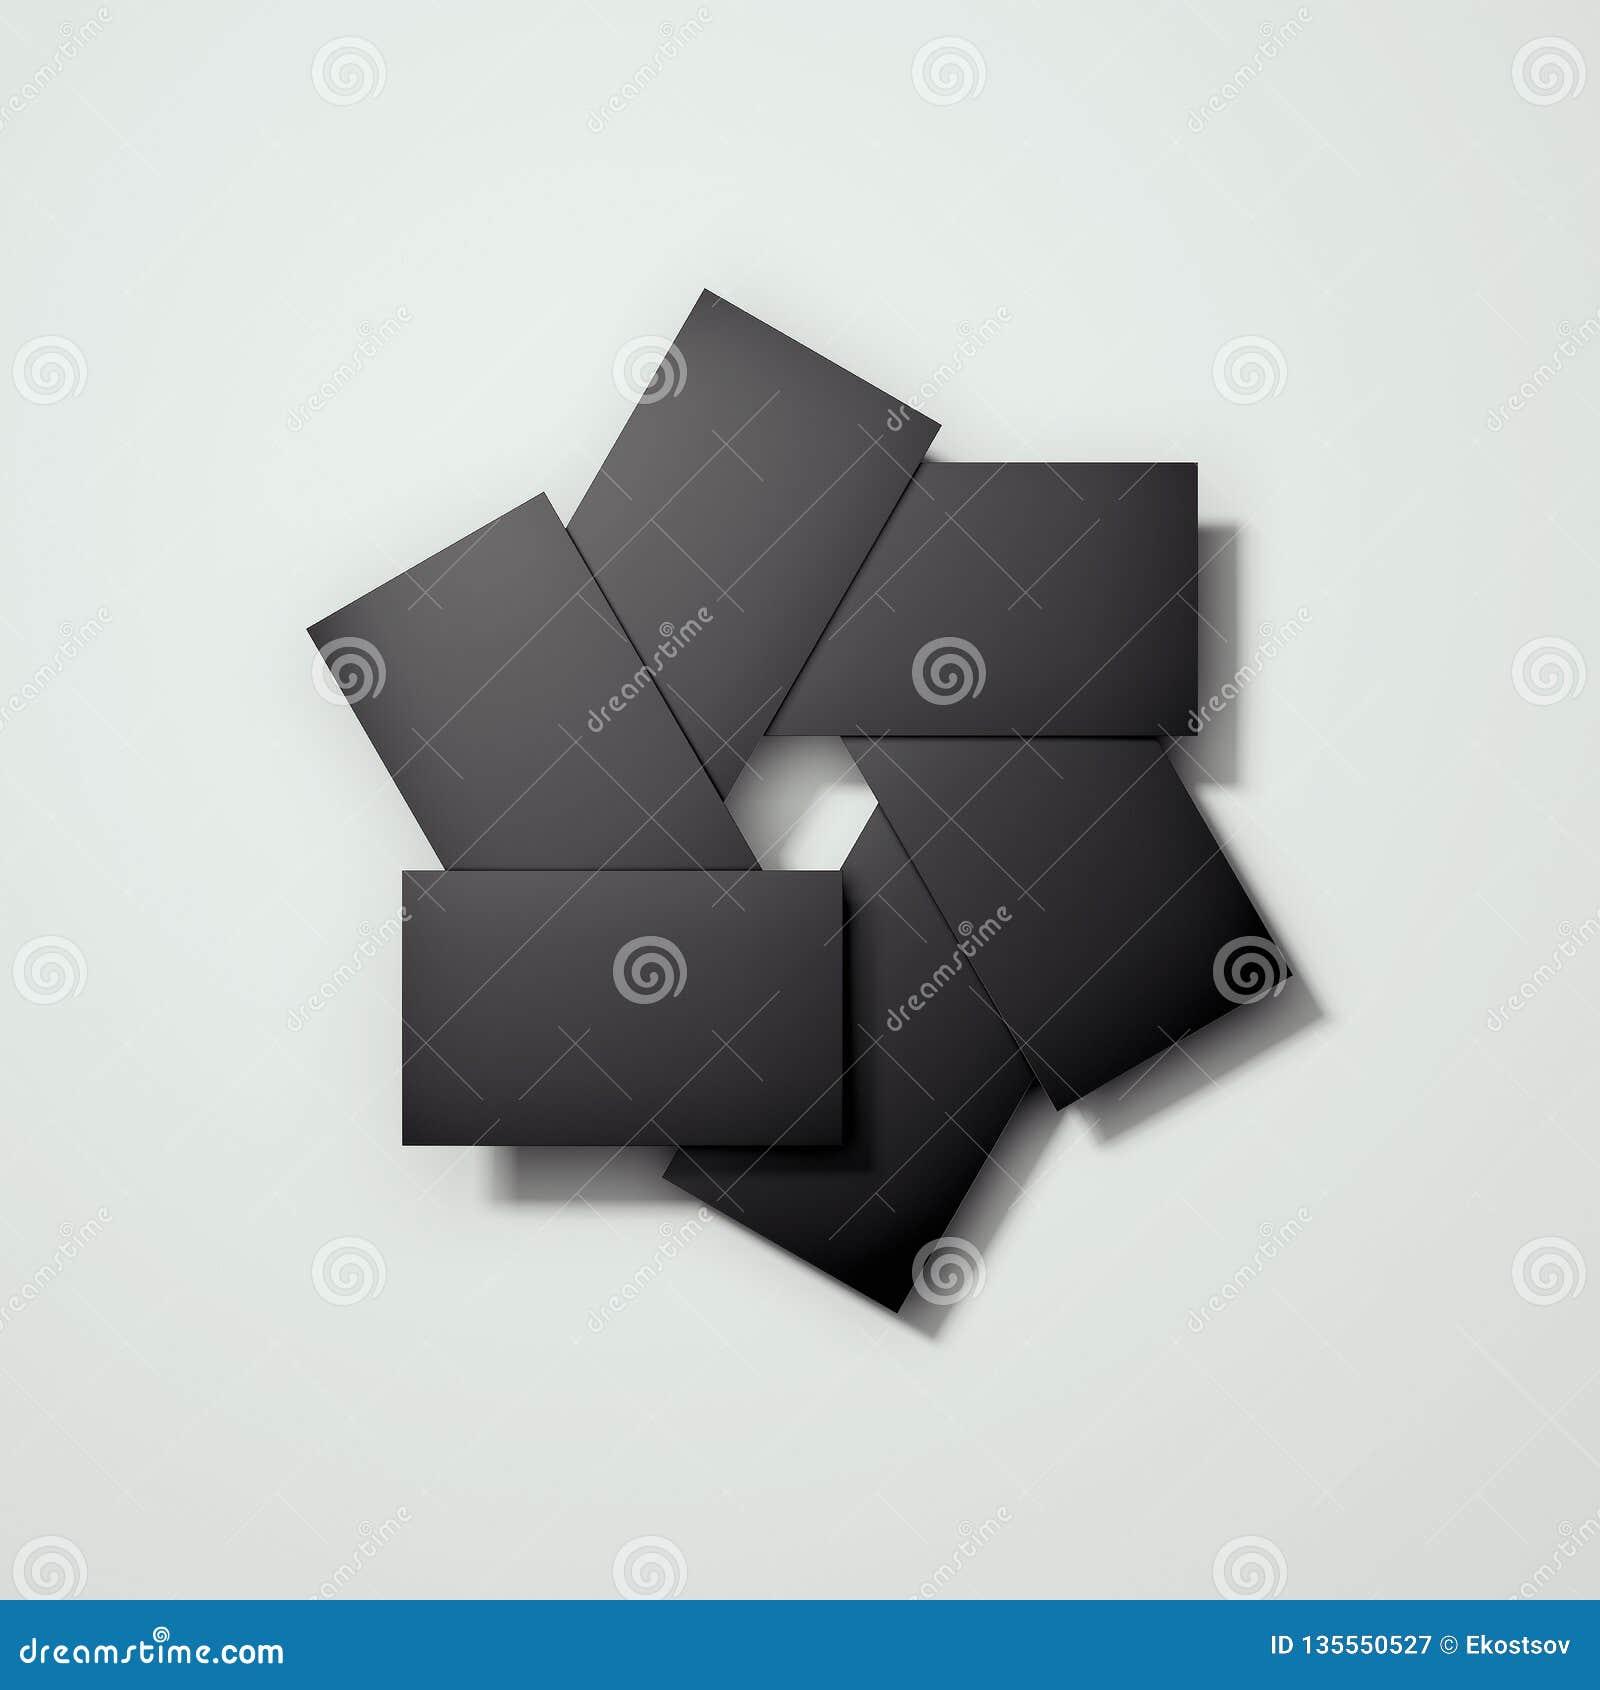 Las tarjetas negras en blanco arreglaron in camera la forma del diafragma, representación 3d